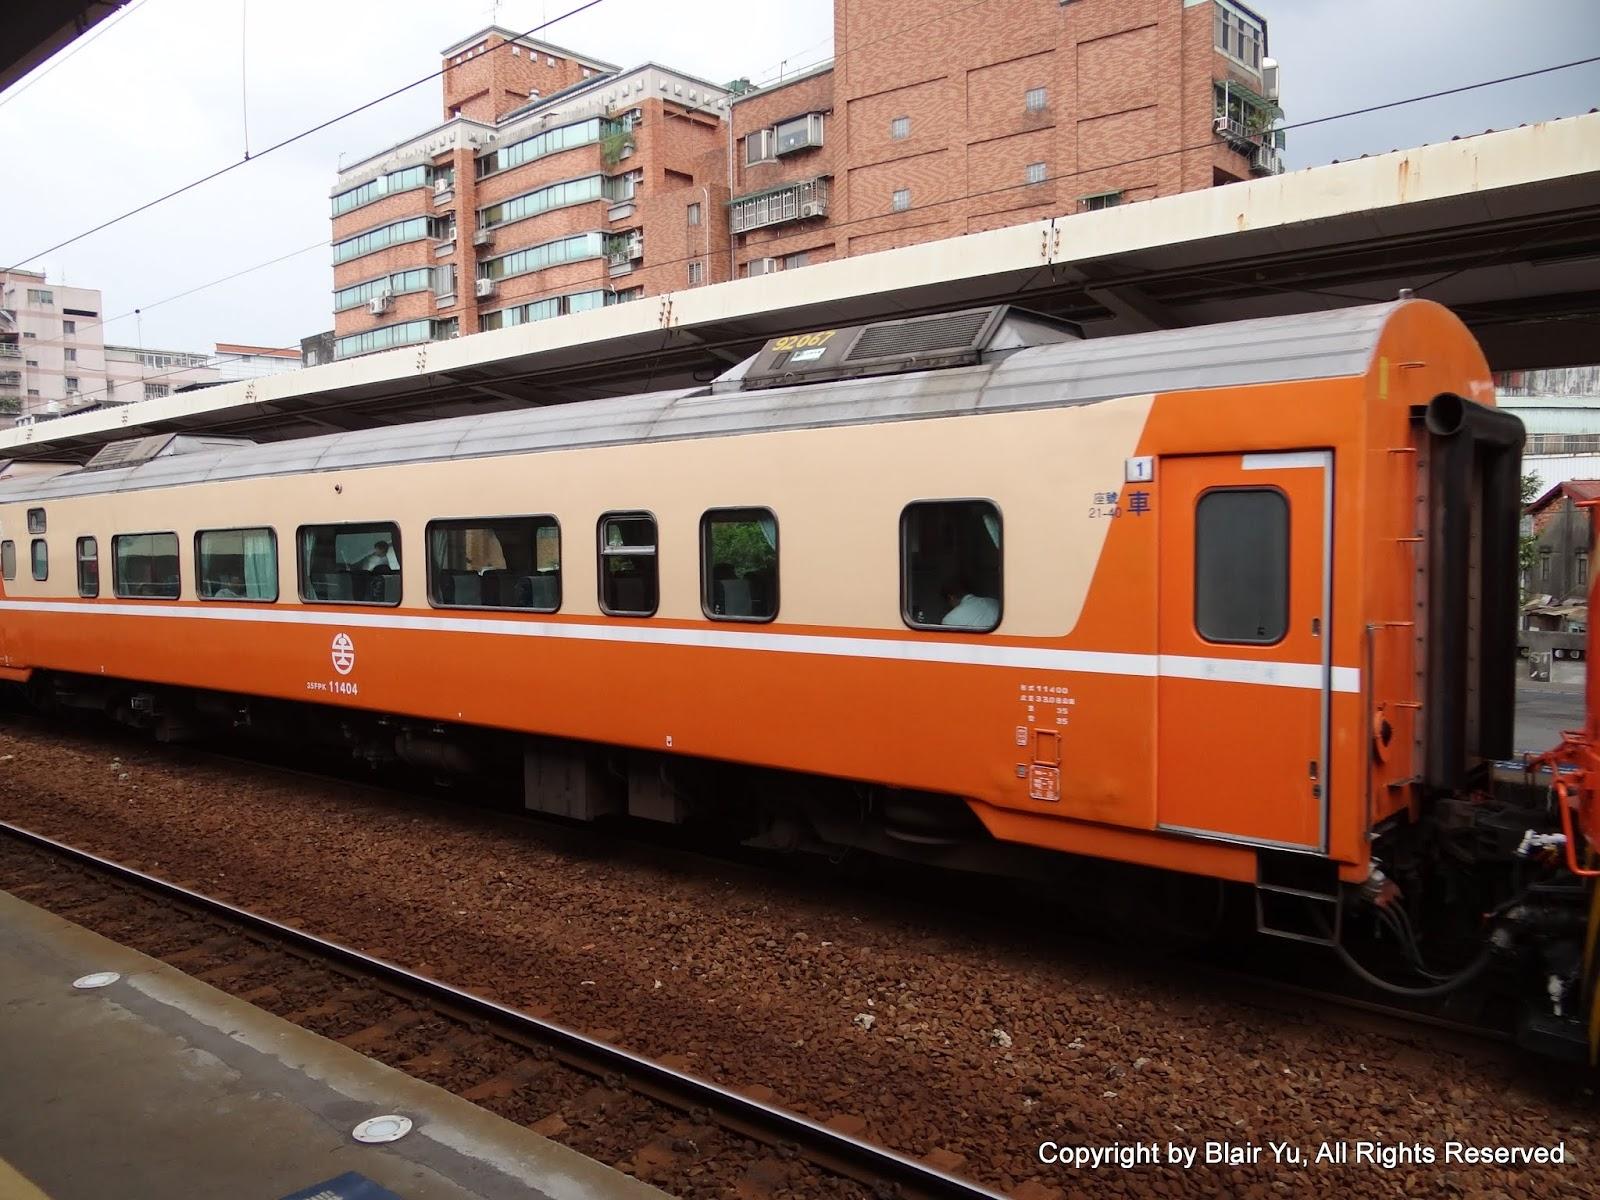 Blair's 鐵道攝影: 35FPK11400型莒光號客車車廂